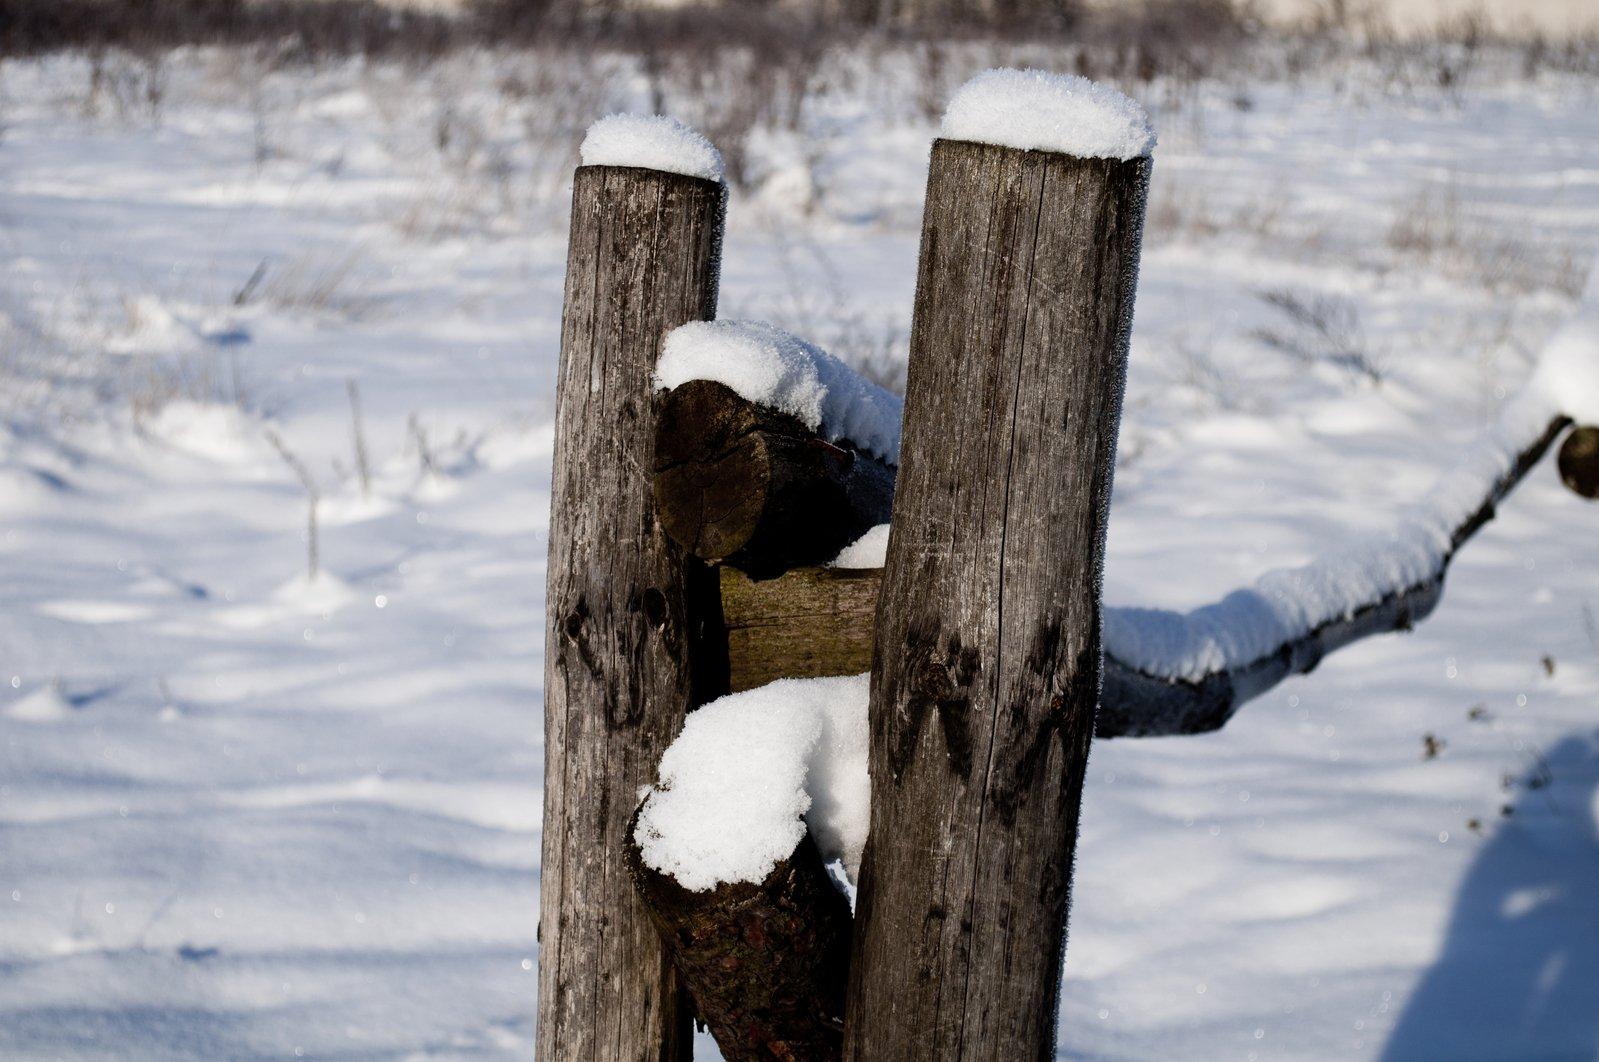 冬天的景色 2